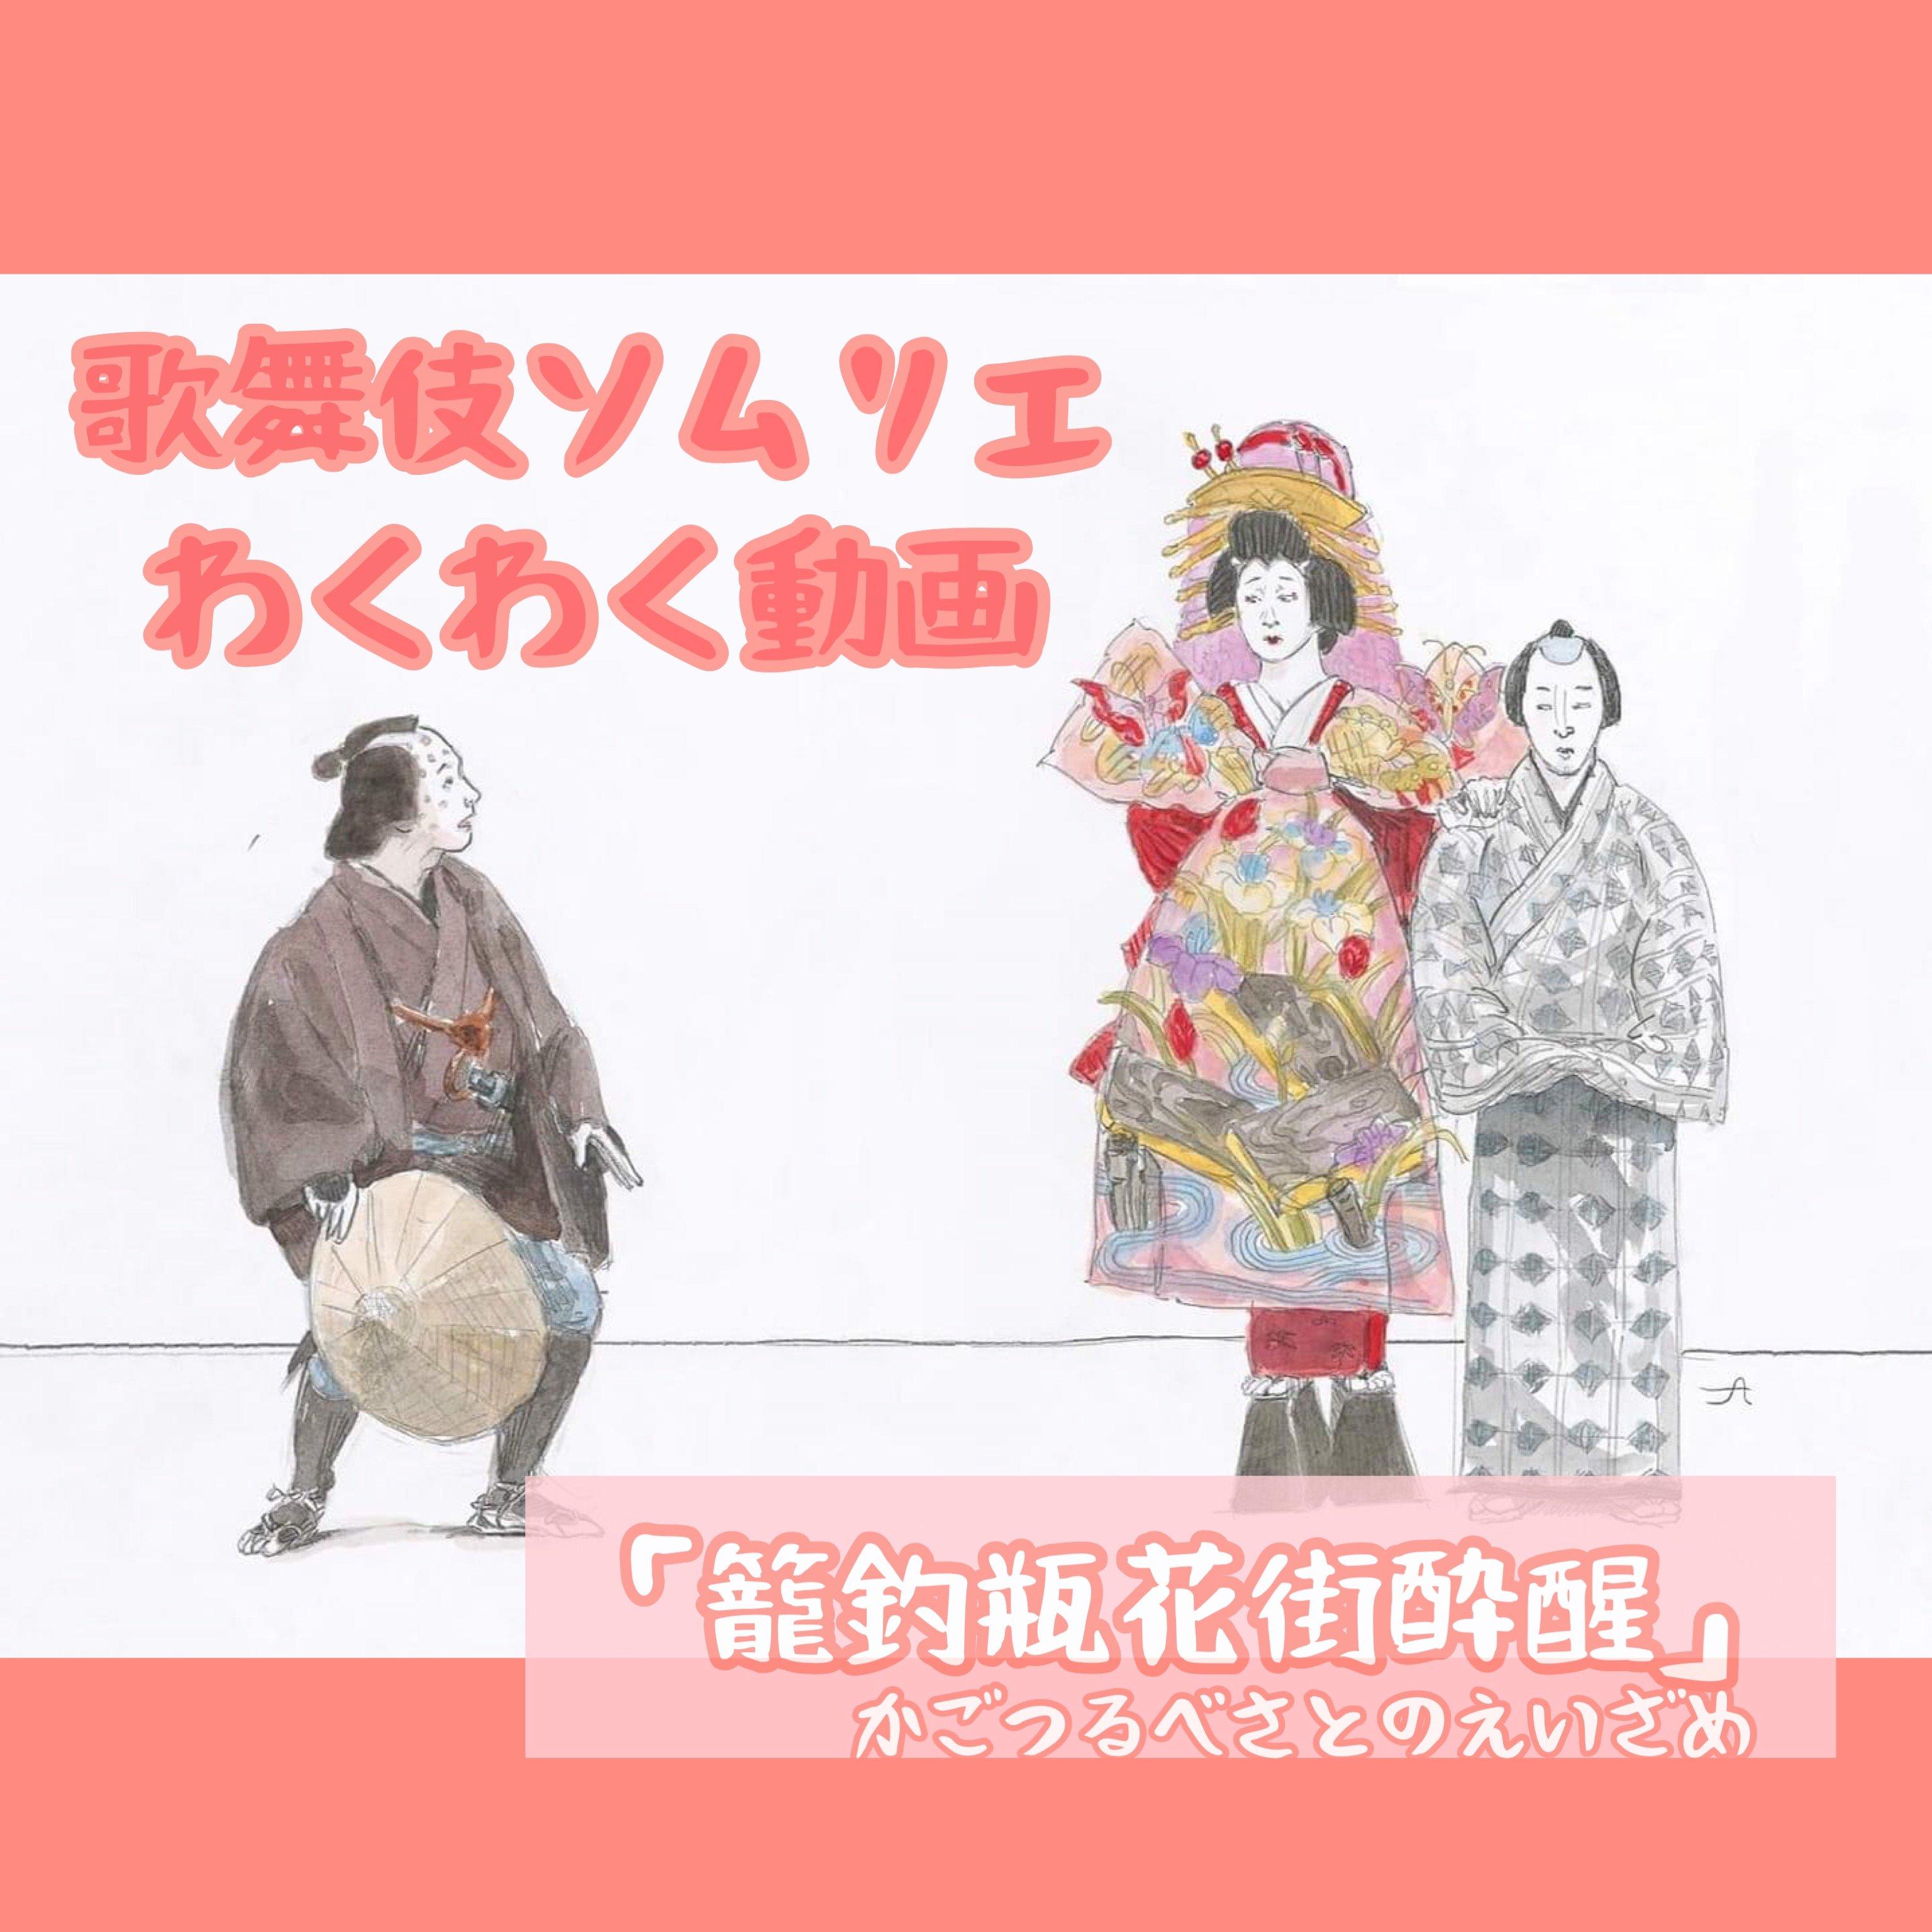 おくだ健太郎・歌舞伎ソムリエが、わかりやすく楽しく、歌舞伎の名作を解説トーク!歌舞伎ソムリエわくわく動画 「籠釣瓶花街酔醒」〜かごつるべさとのえいざめ〜約42分の動画です。のイメージその1